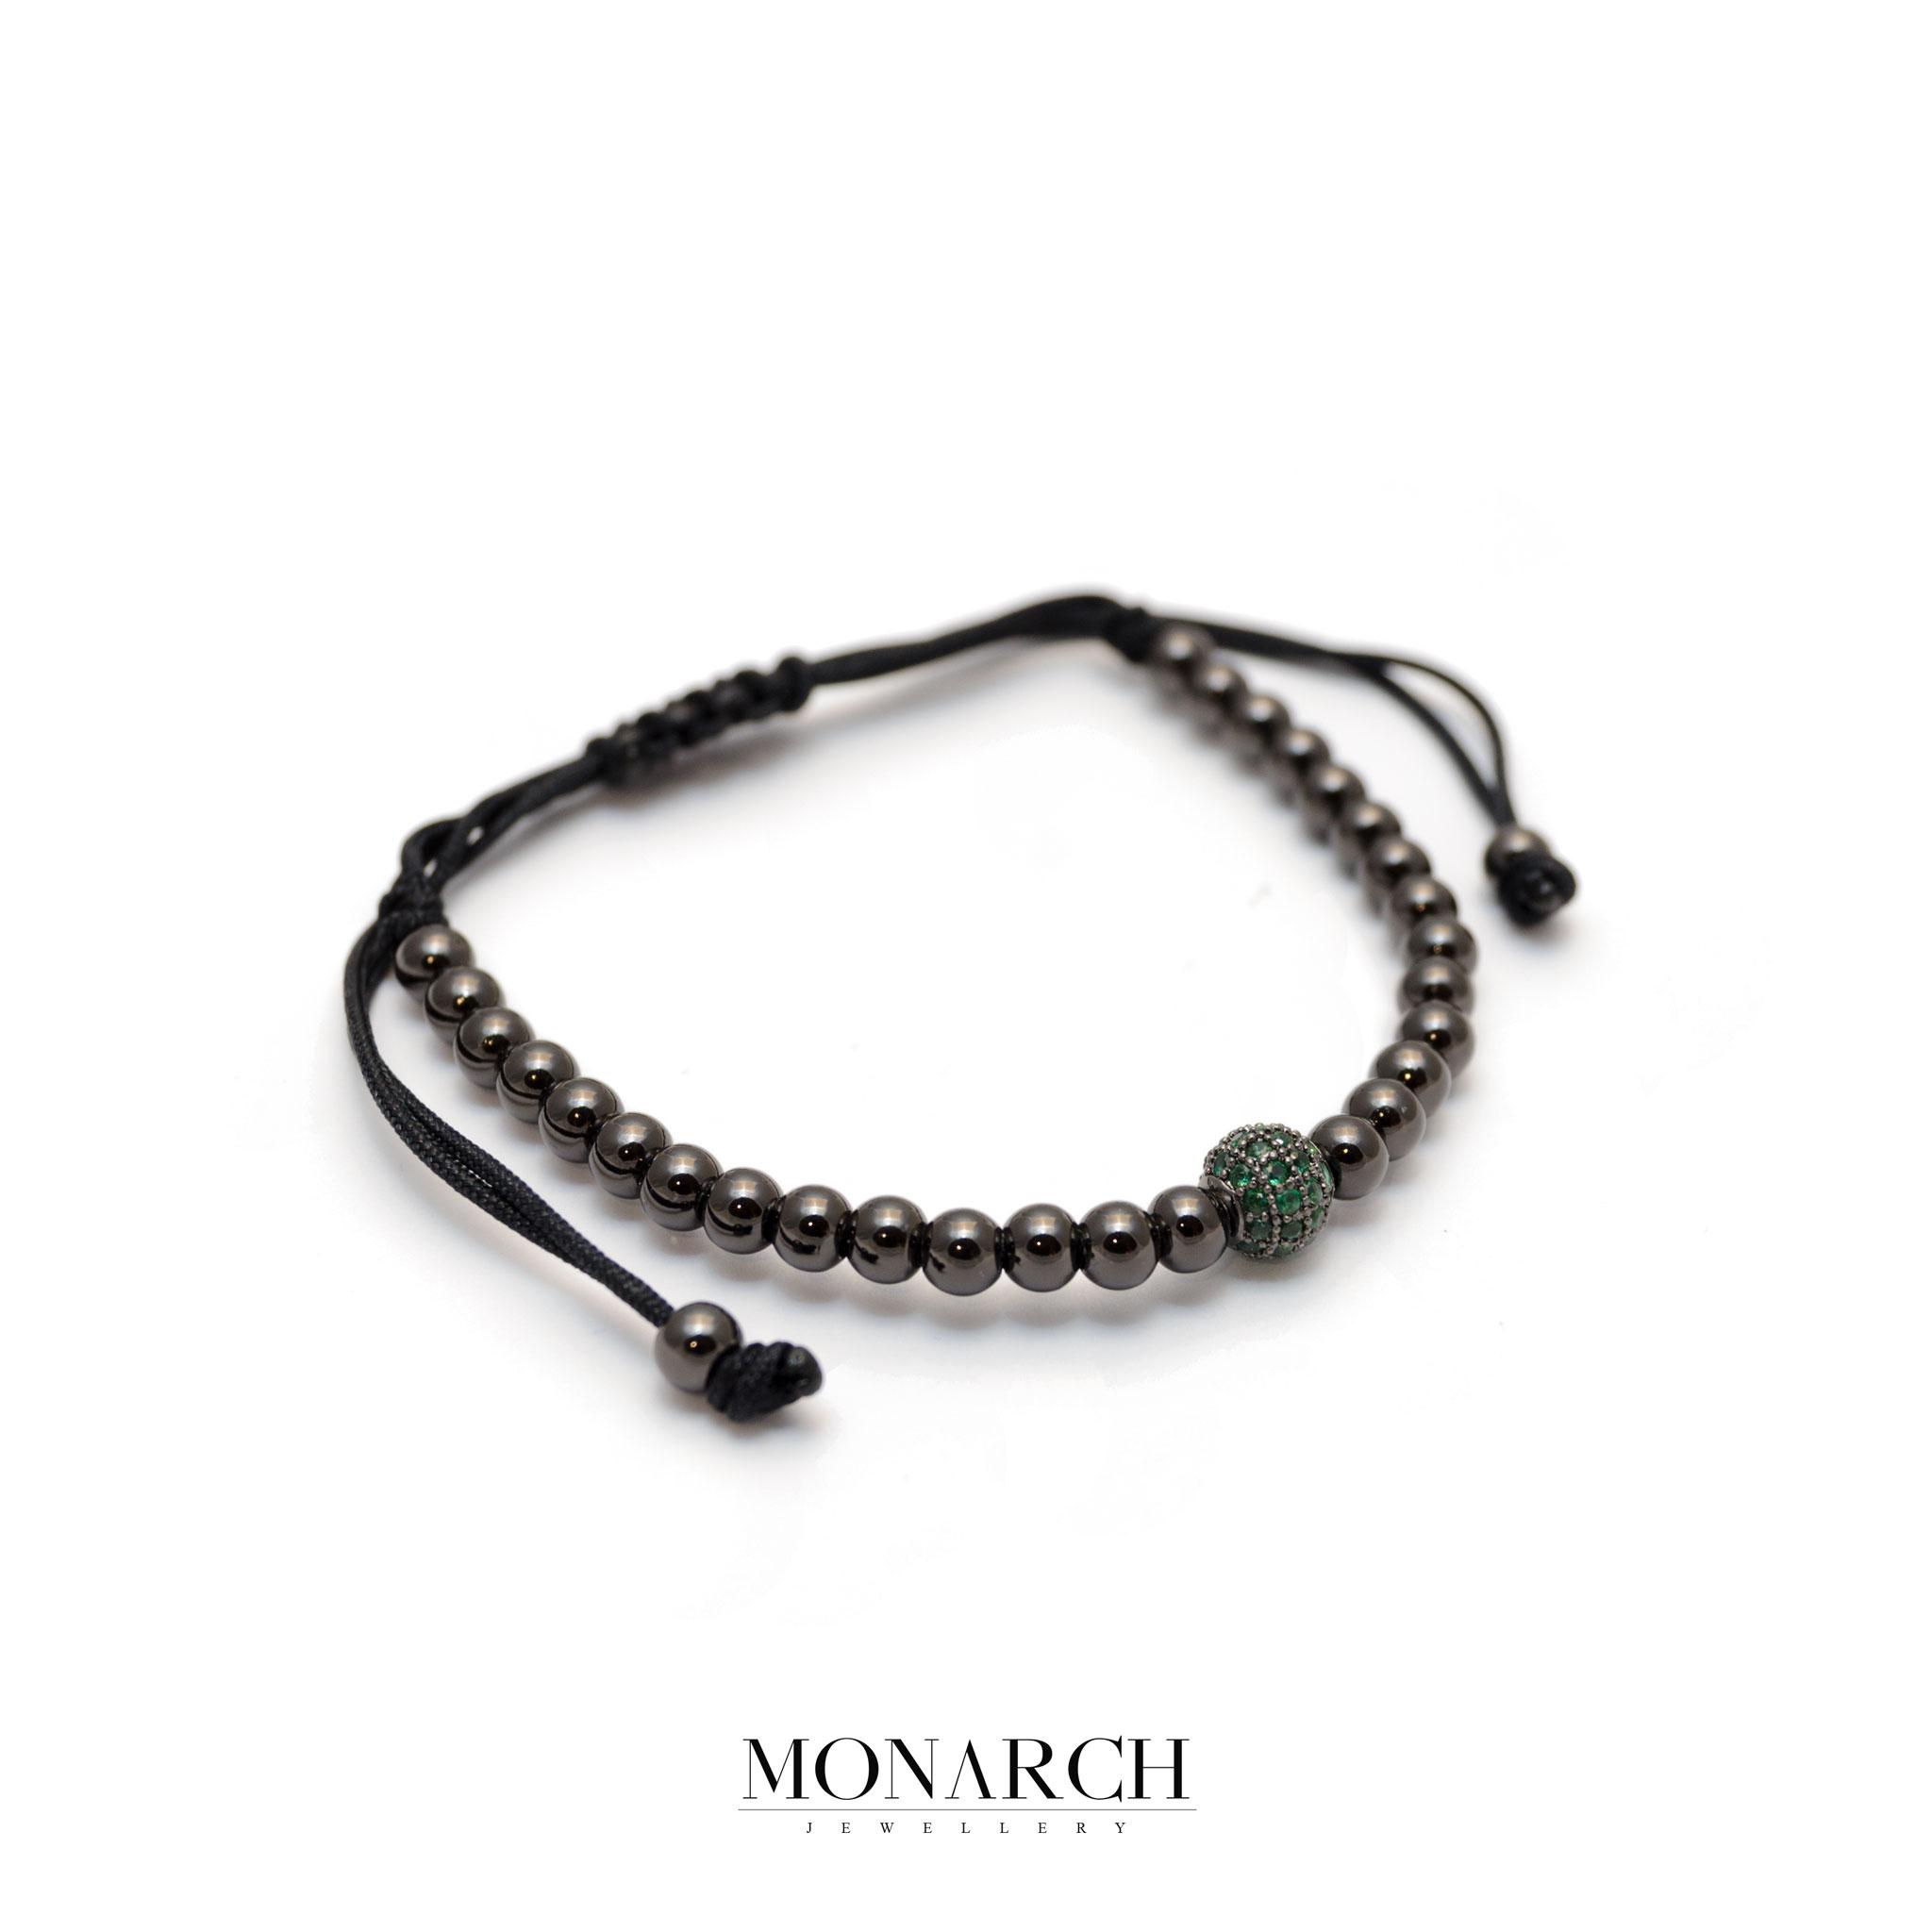 Monarch Jewellery Black Emerald Solo Zircon Macrame Bracelet